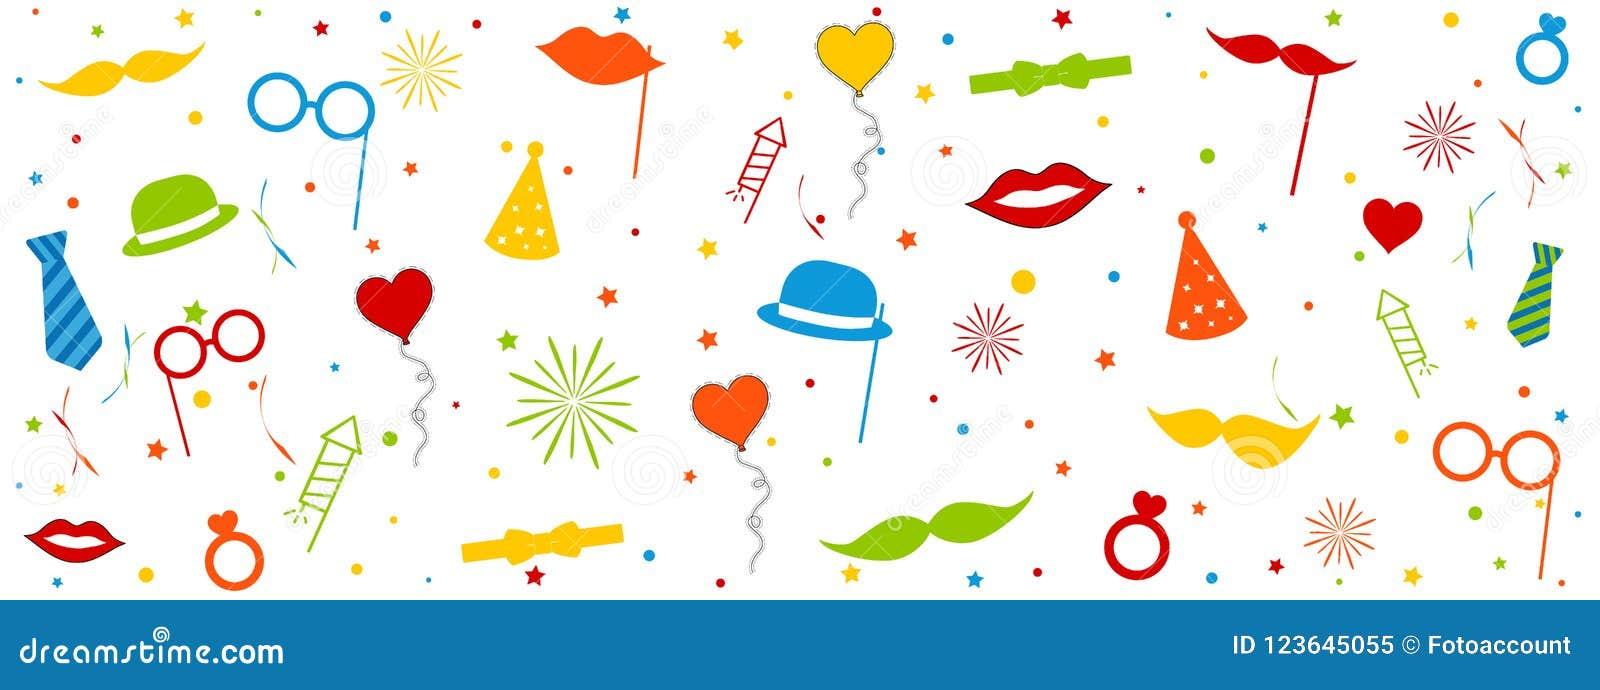 Fotografii budka Poślubia Karnawałowe wyposażenie ikony Z okręgami I gwiazdami Odizolowywającymi Na Białym tle - Kolorowa Wektoro